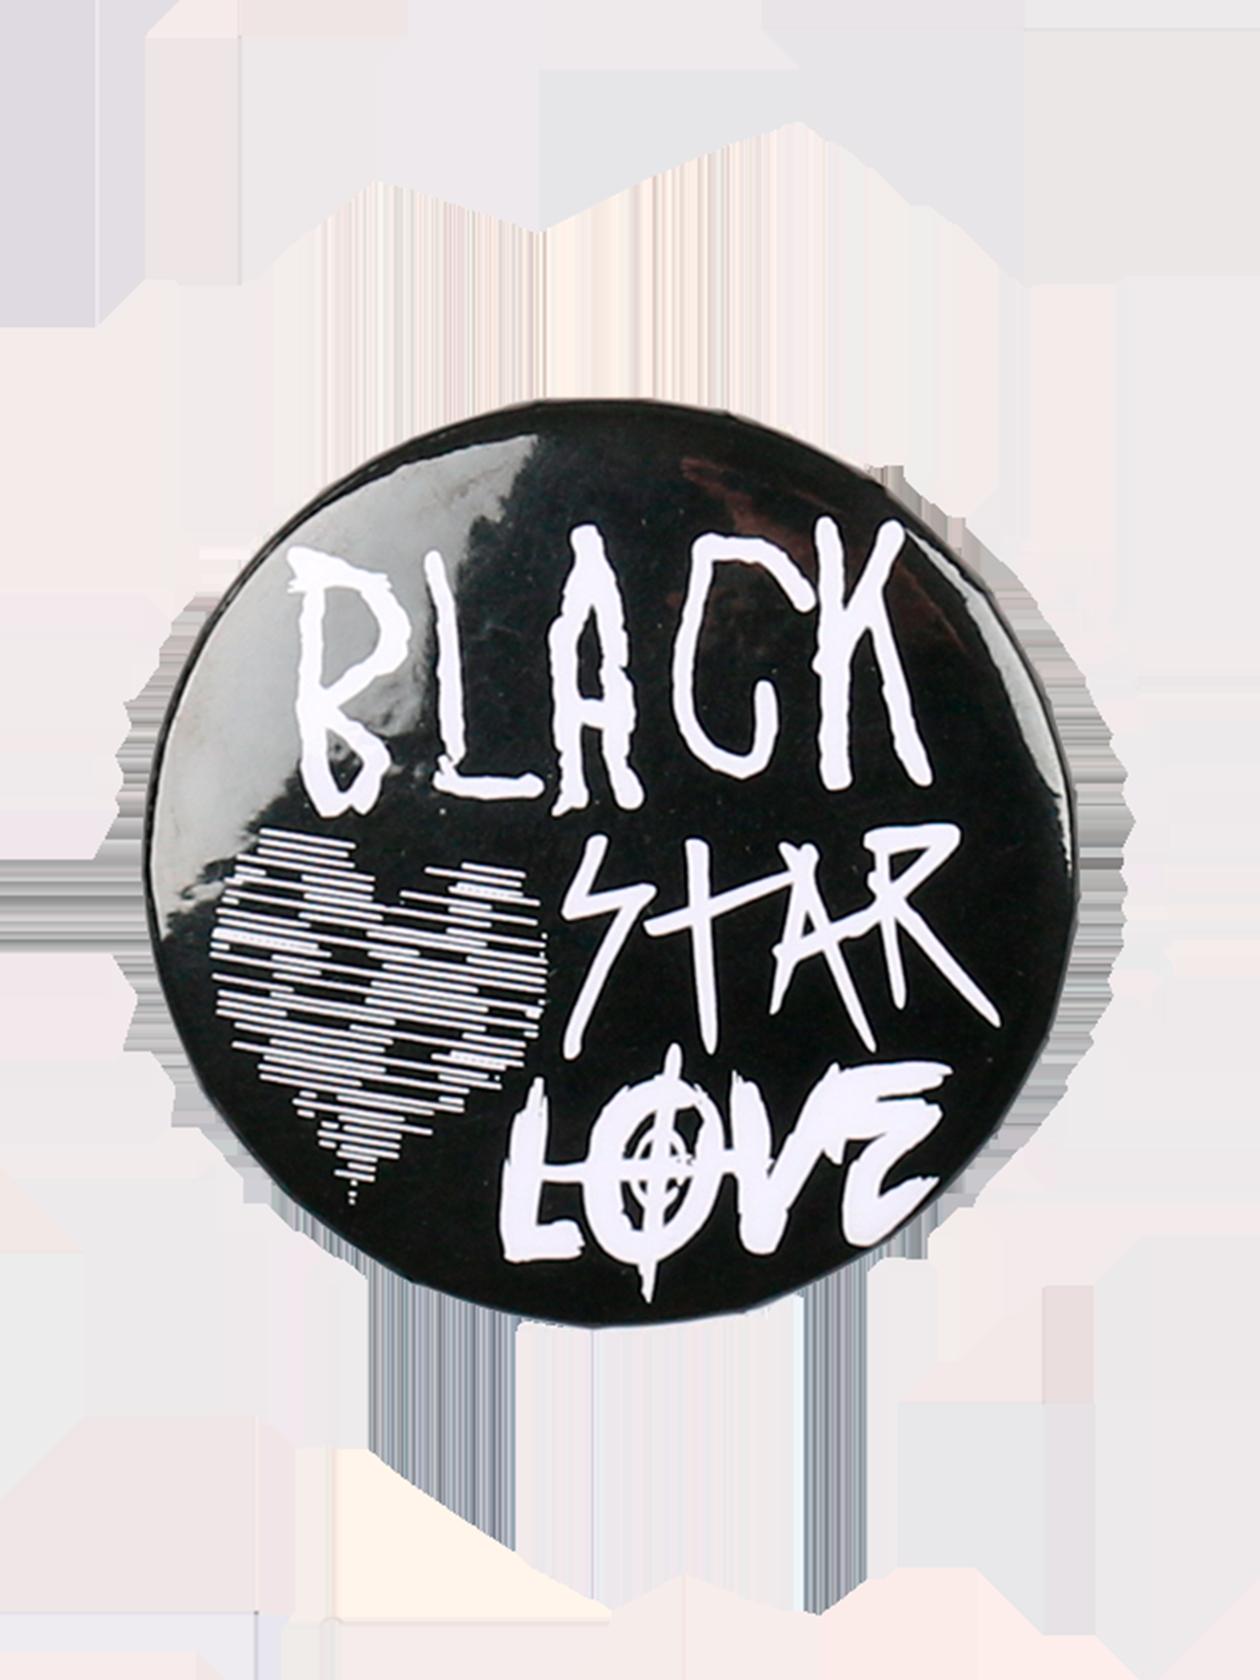 Значок AMOURСтильный значок Amour с контрастной надписью Black Star Love и заштрихованным сердцем добавит стиля повседневному образу. Аксессуар классической круглой формы изготовлен из практичного материала. Застежка английская булавка надежно крепит изделие на одежде, сумке или рюкзаке. Выберите для себя наиболее привлекательную расцветку украшения – белую, красную или черную.<br><br>Размер: Единый размер<br>Цвет: Черный<br>Пол: Унисекс